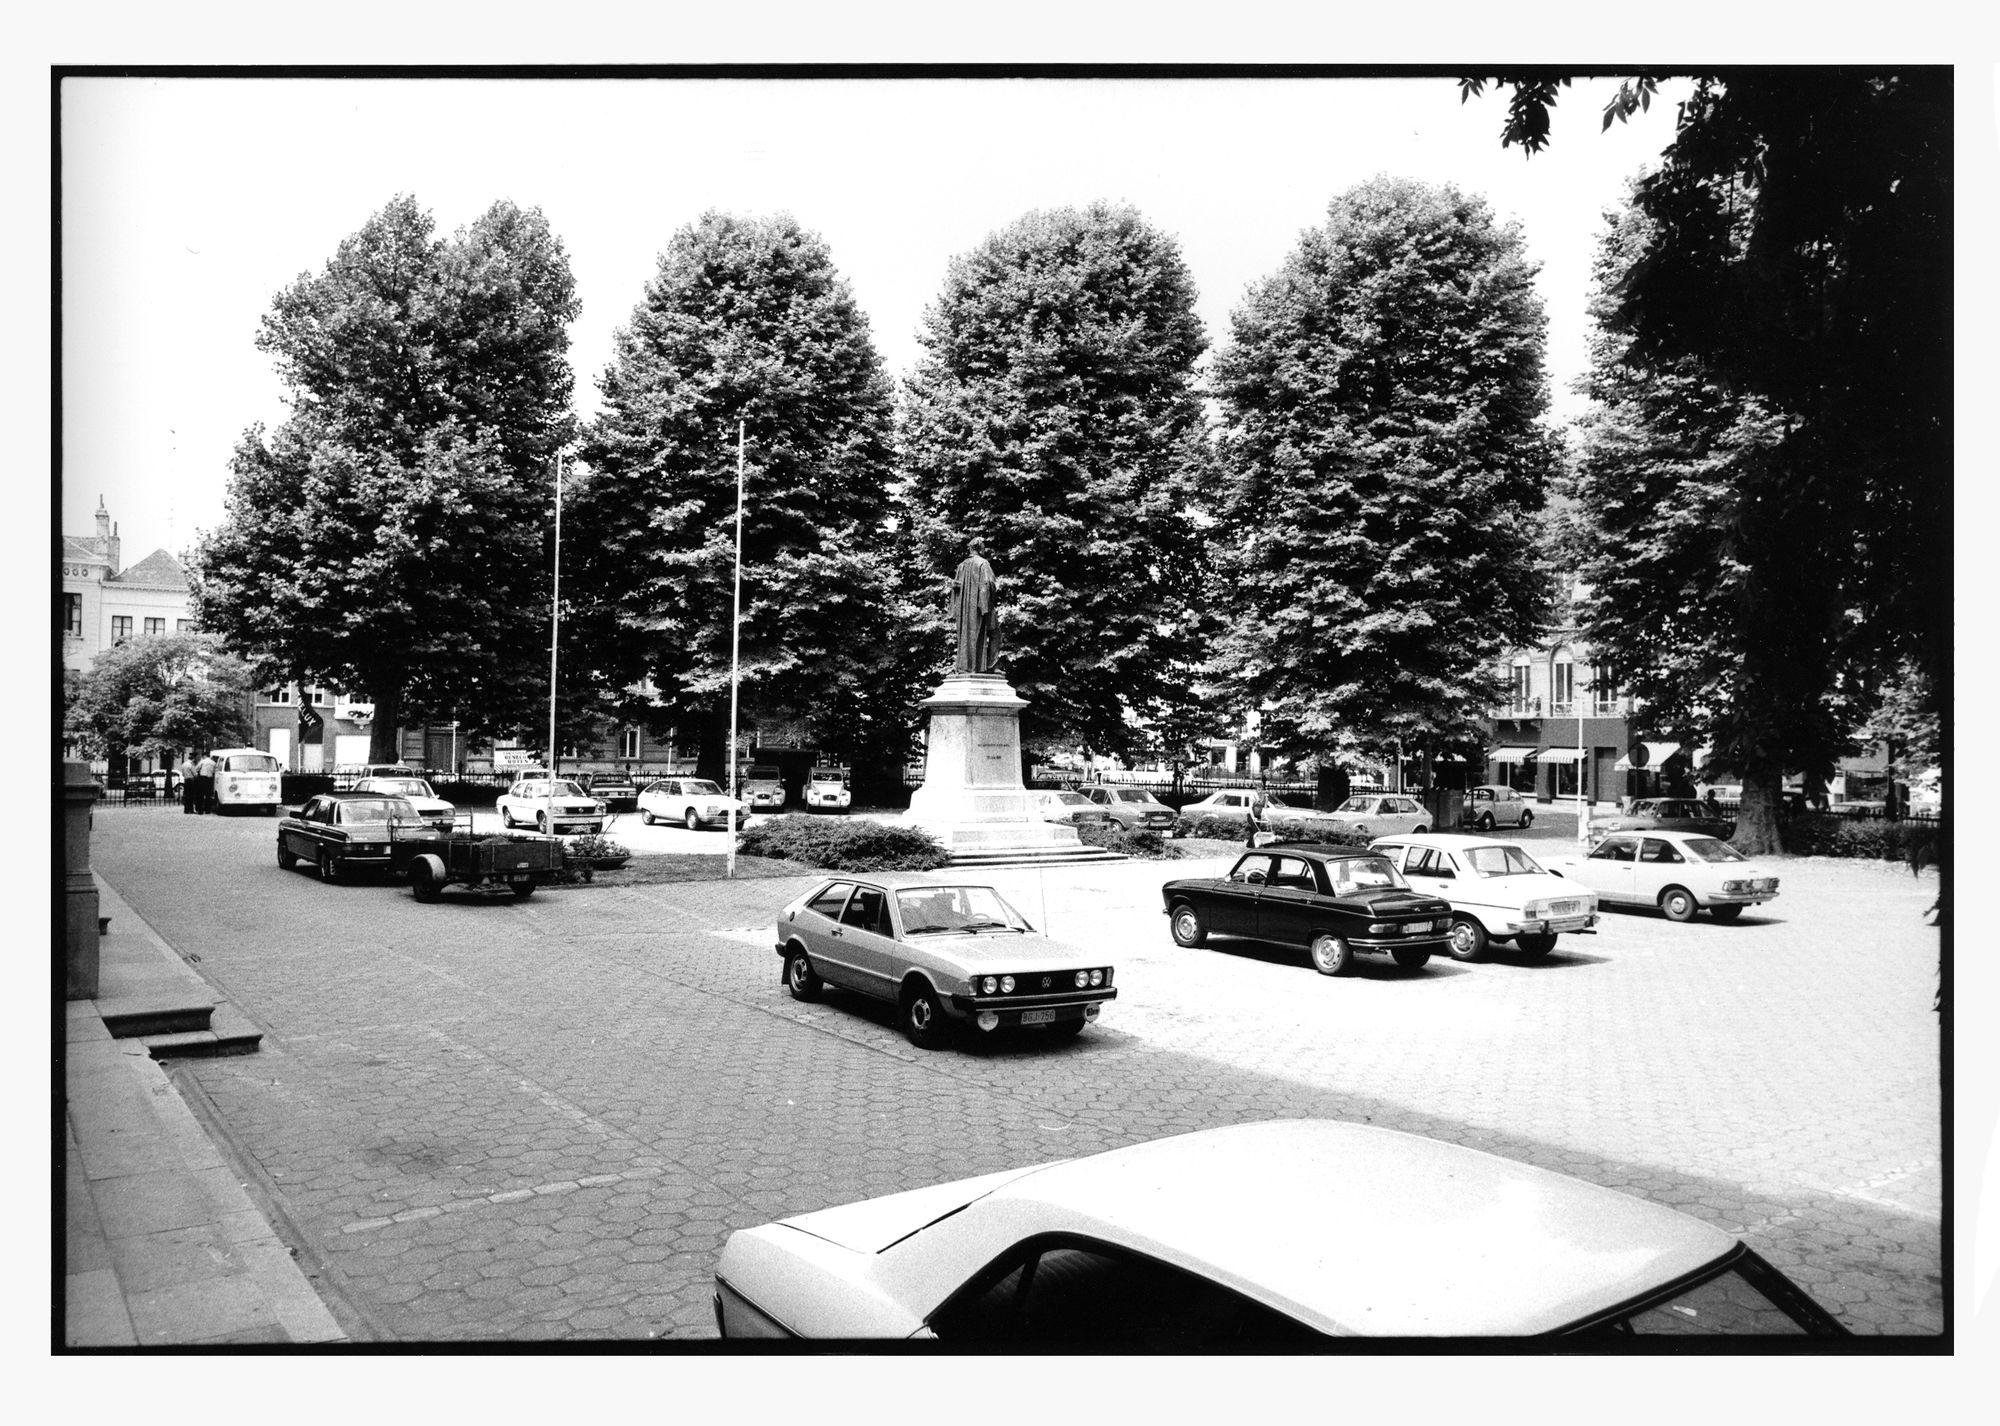 Koophandelsplein02_1979.jpg